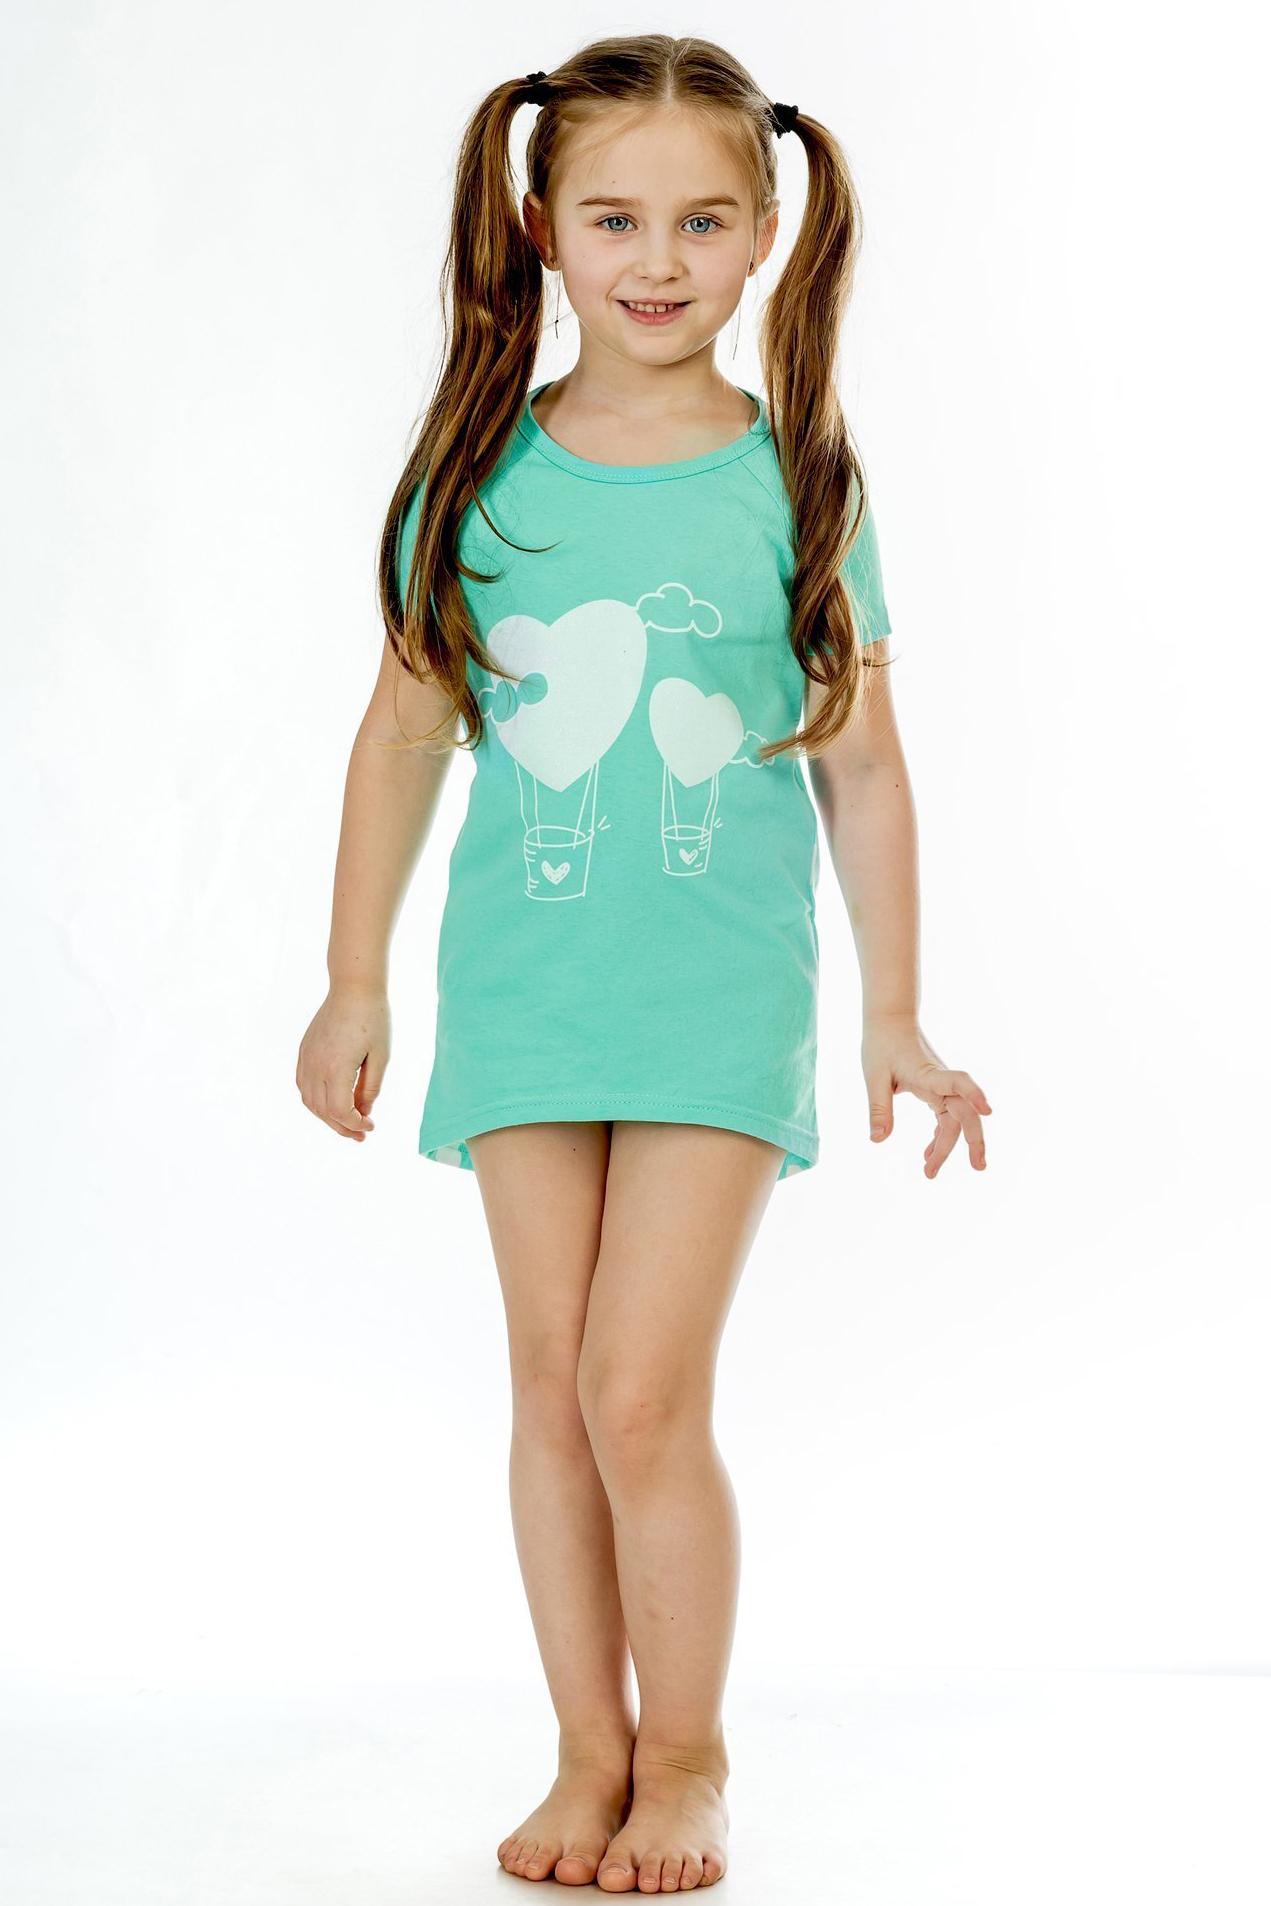 Детские туники, сарафаны Pastilla Туника Стелла Цвет: Ментол (6-7 лет) купить часы мальчику 7 лет